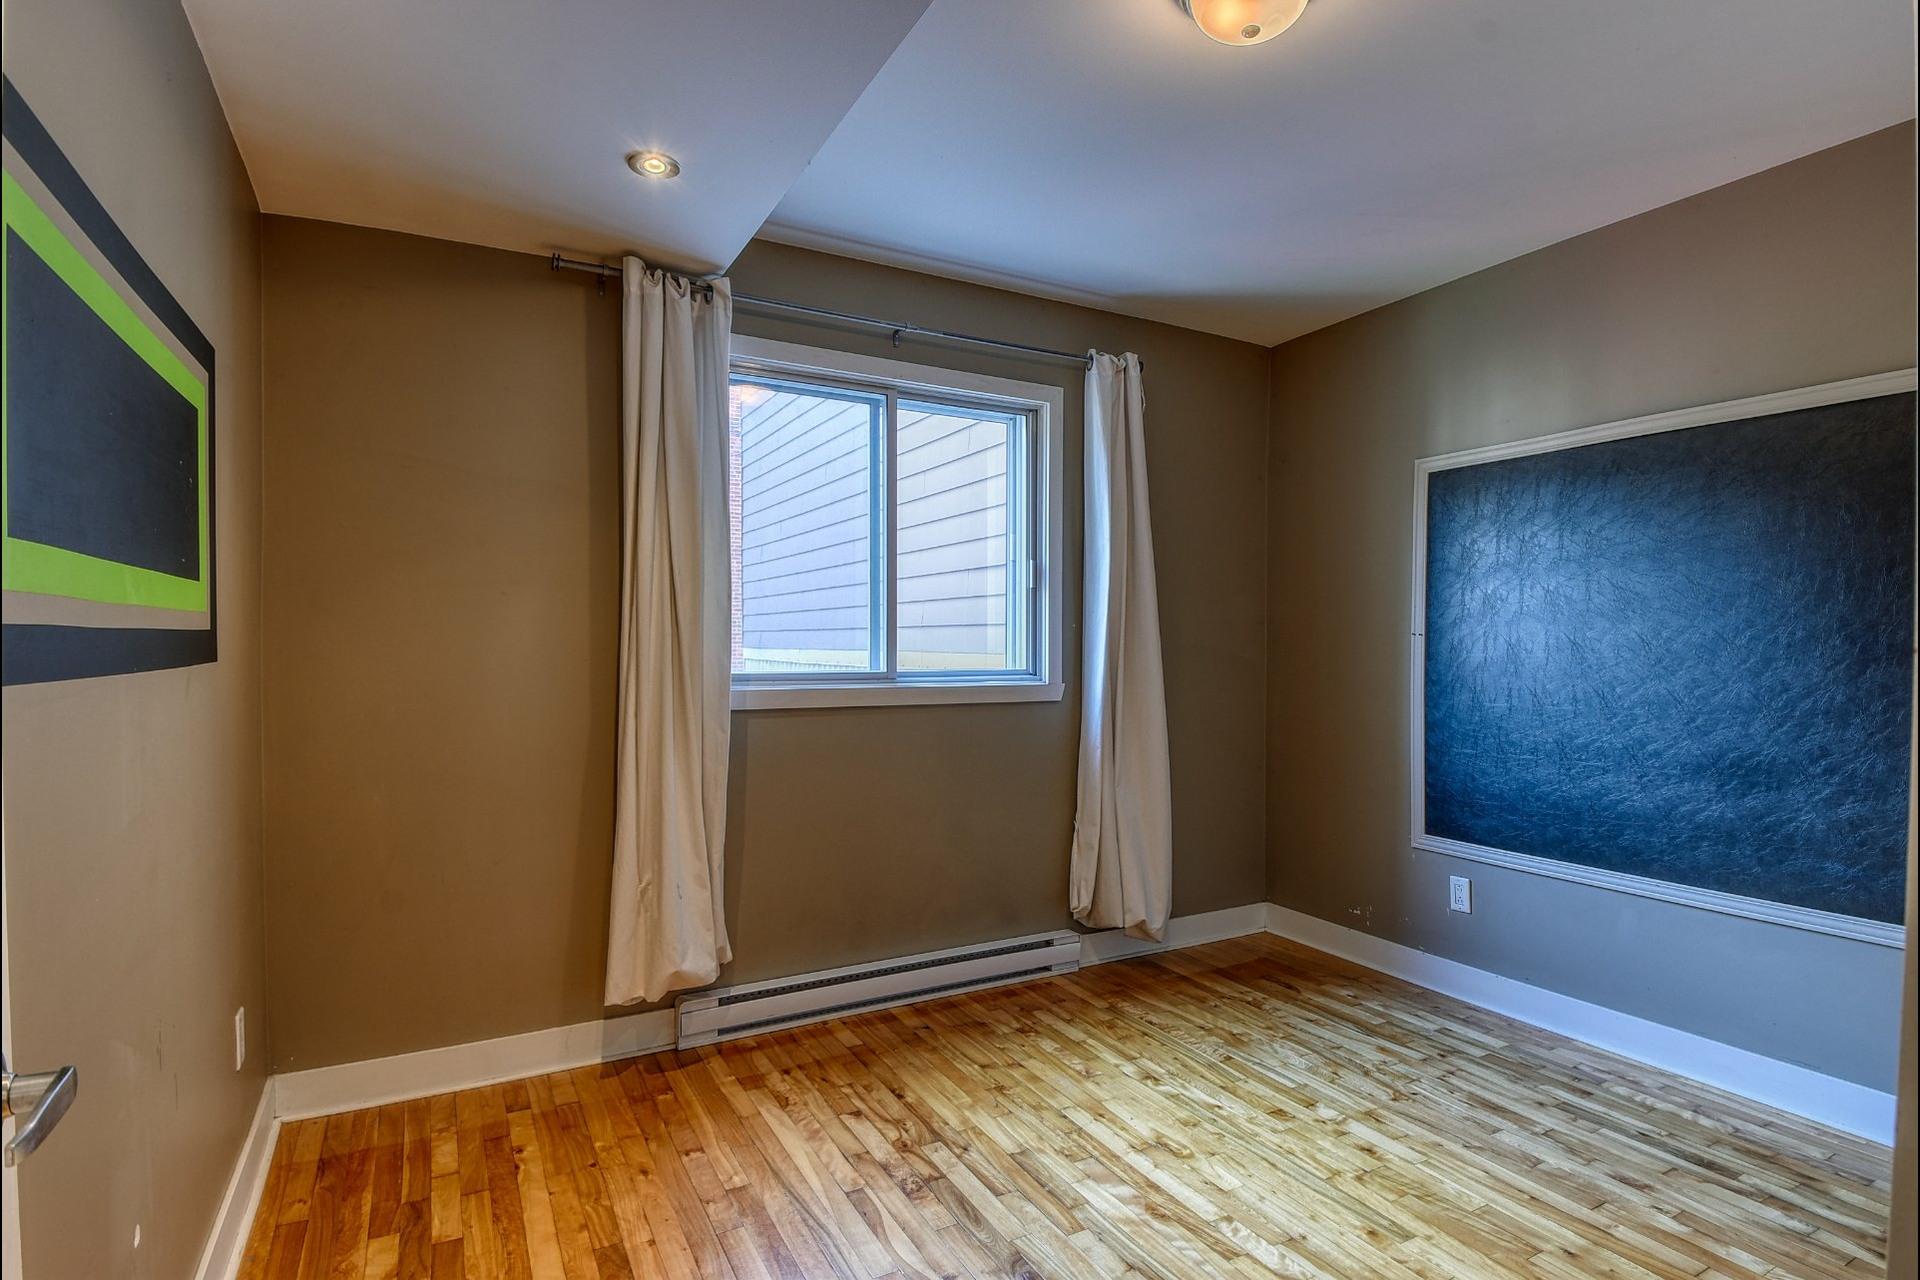 image 8 - Apartment For sale Mercier/Hochelaga-Maisonneuve Montréal  - 4 rooms